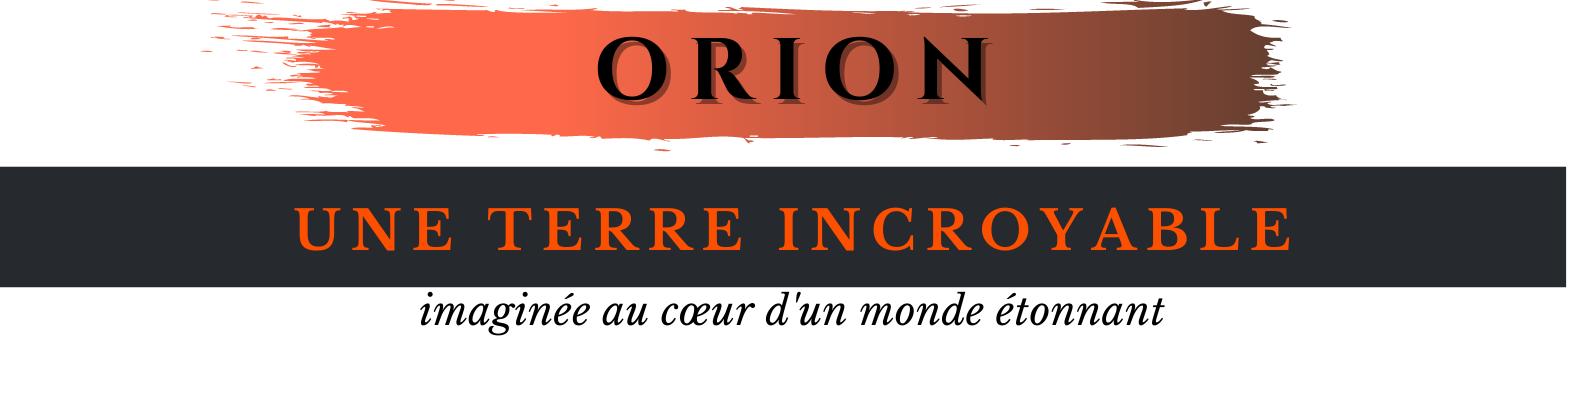 Bandeau Orion texte